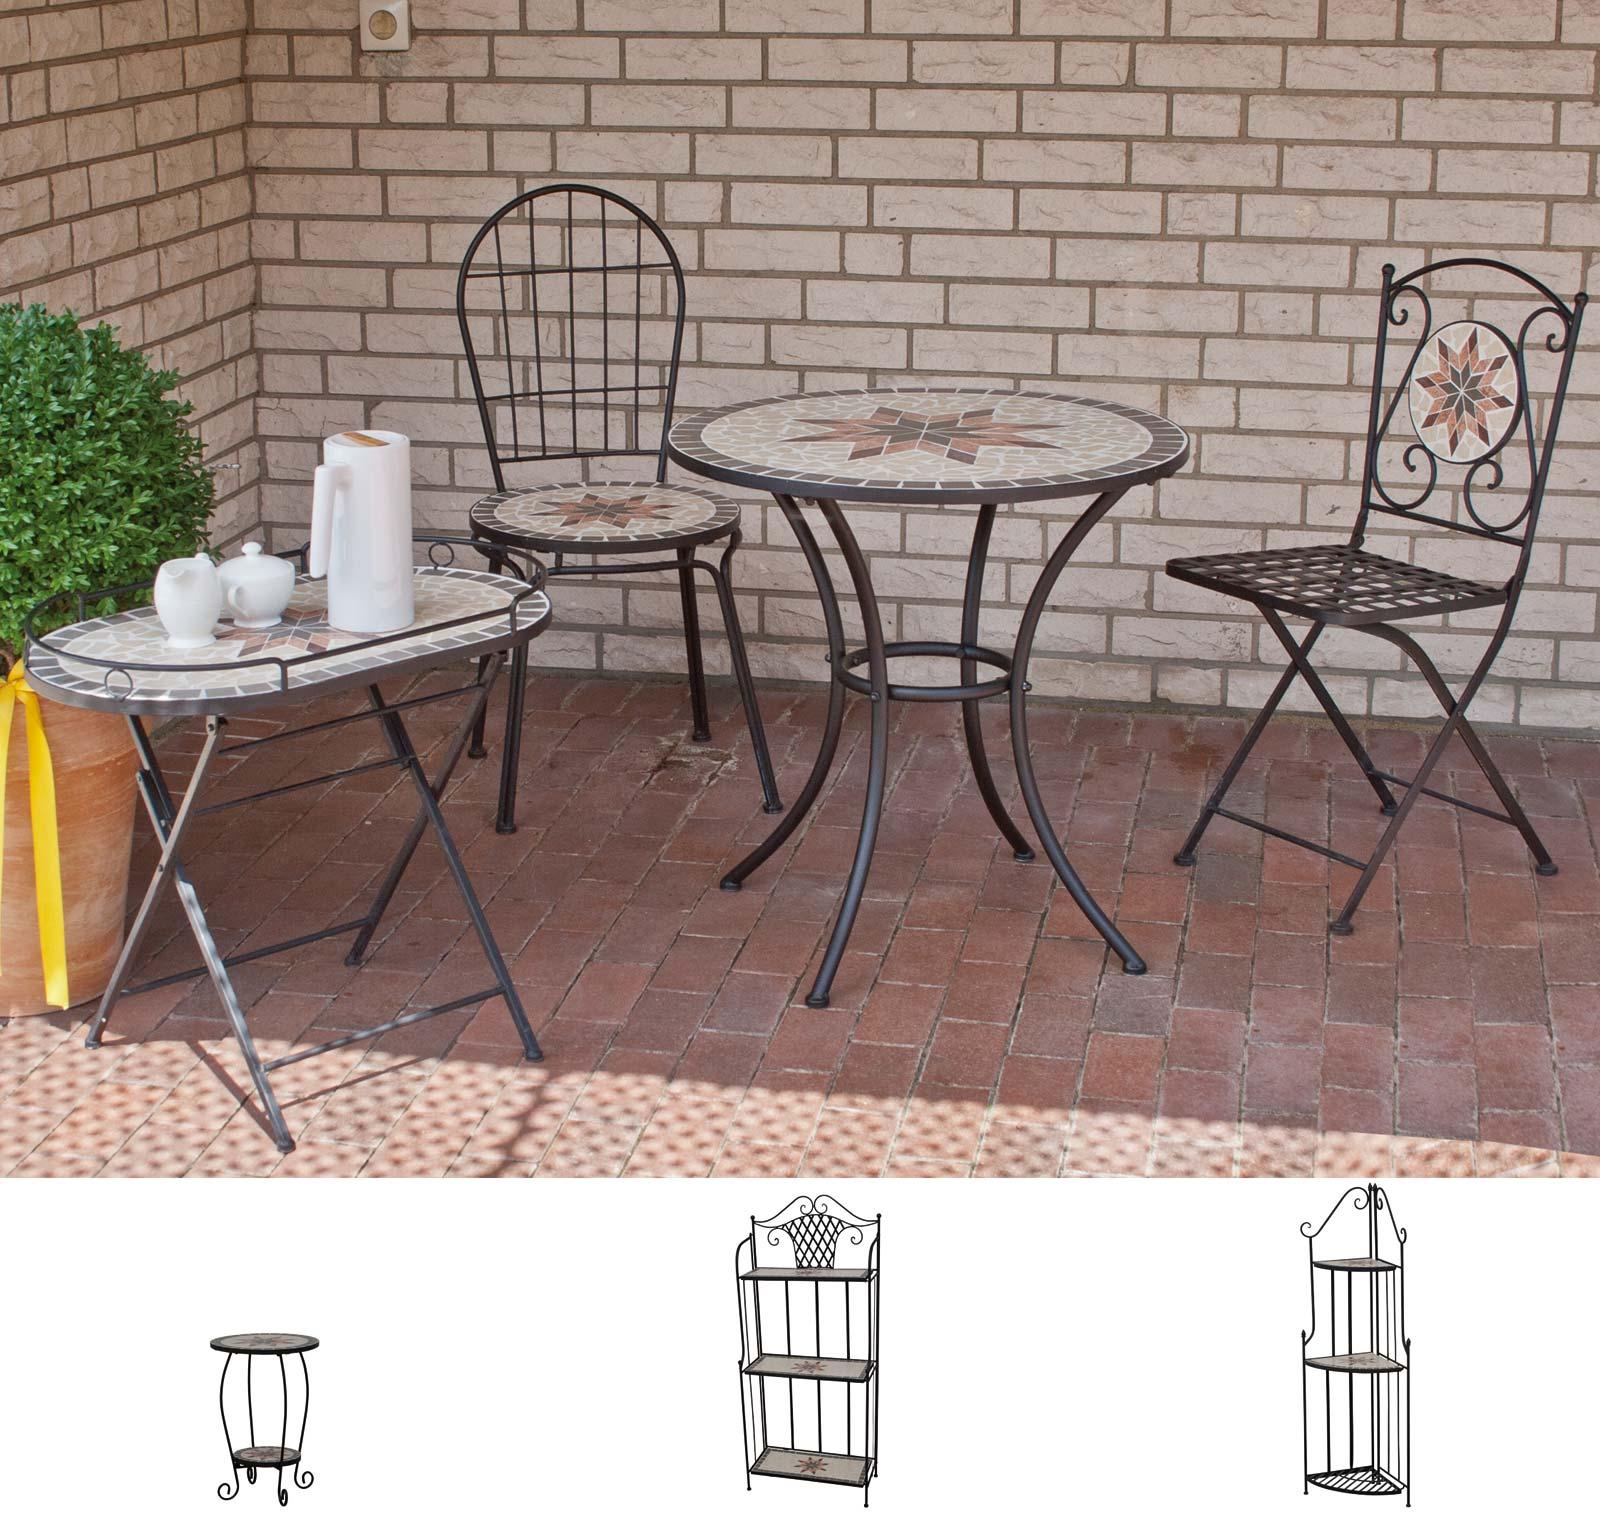 Beistelltisch / Balkontisch Siena Garden Stella 69x35 Eisen / Mosaik Bild 2